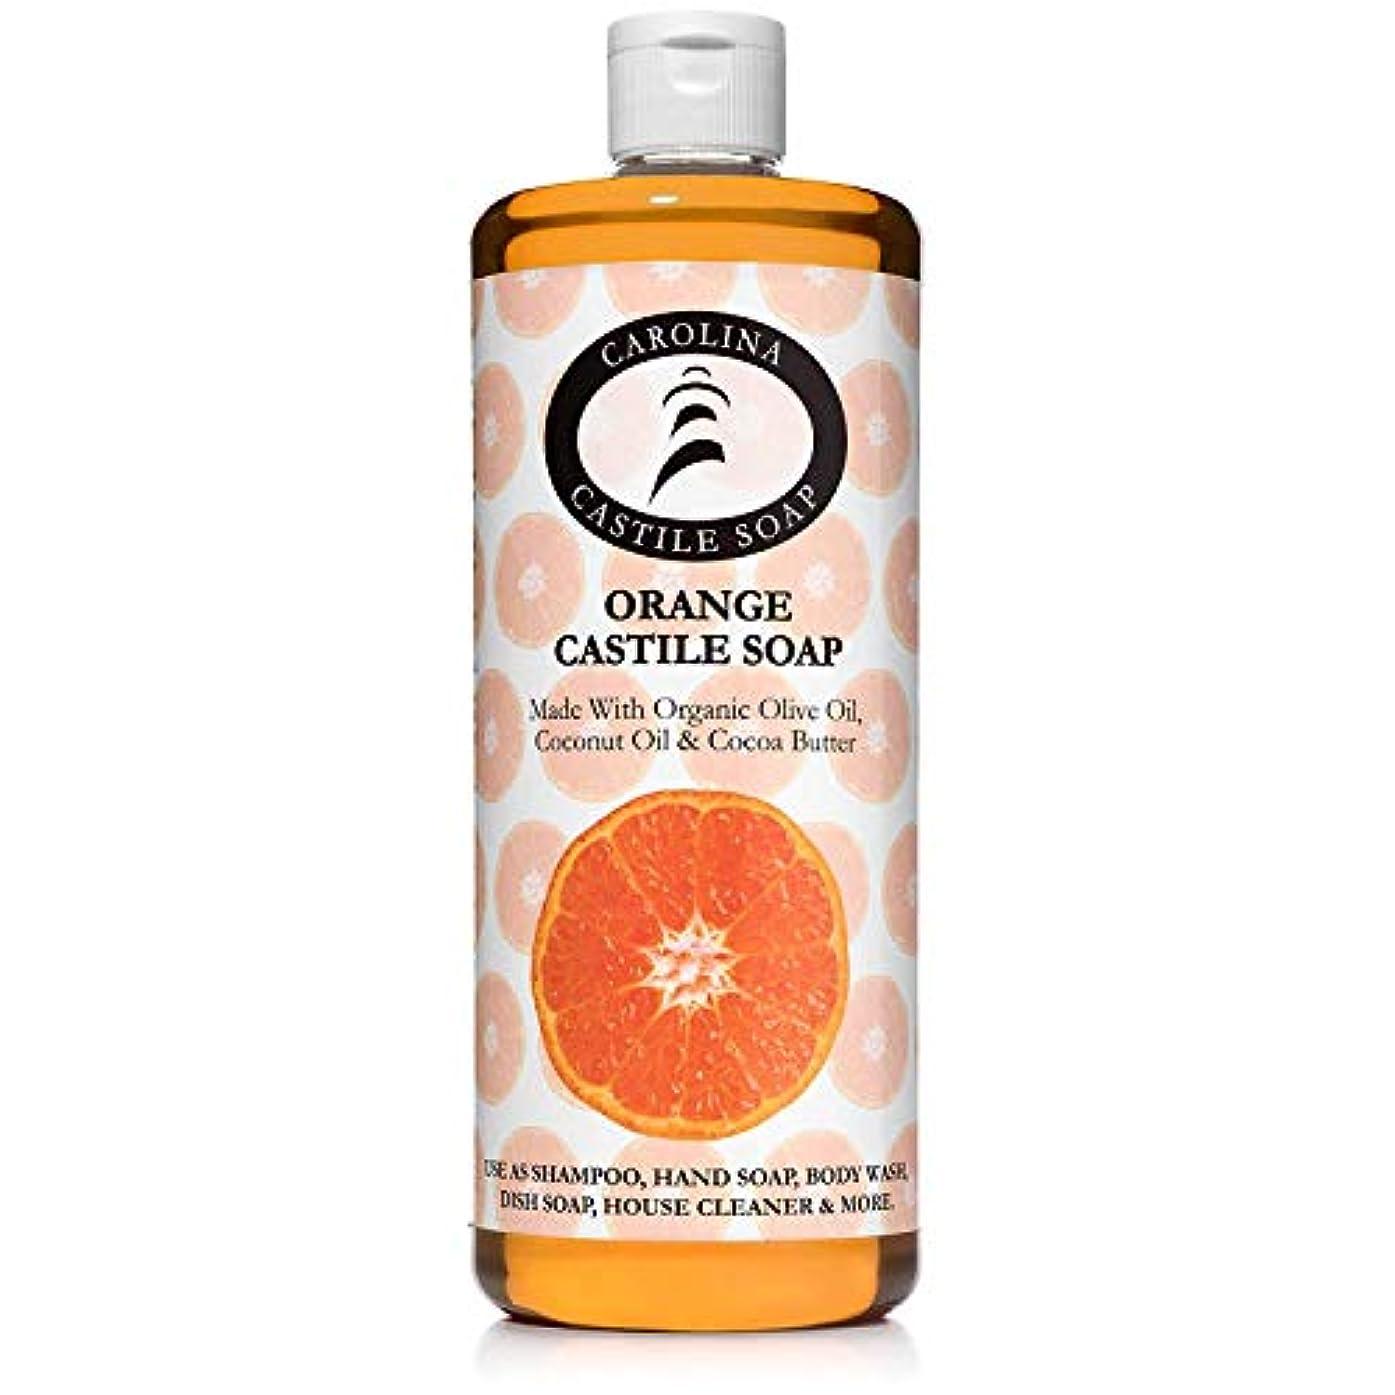 Carolina Castile Soap オーガニックカカオバターオーガニック 32オズ